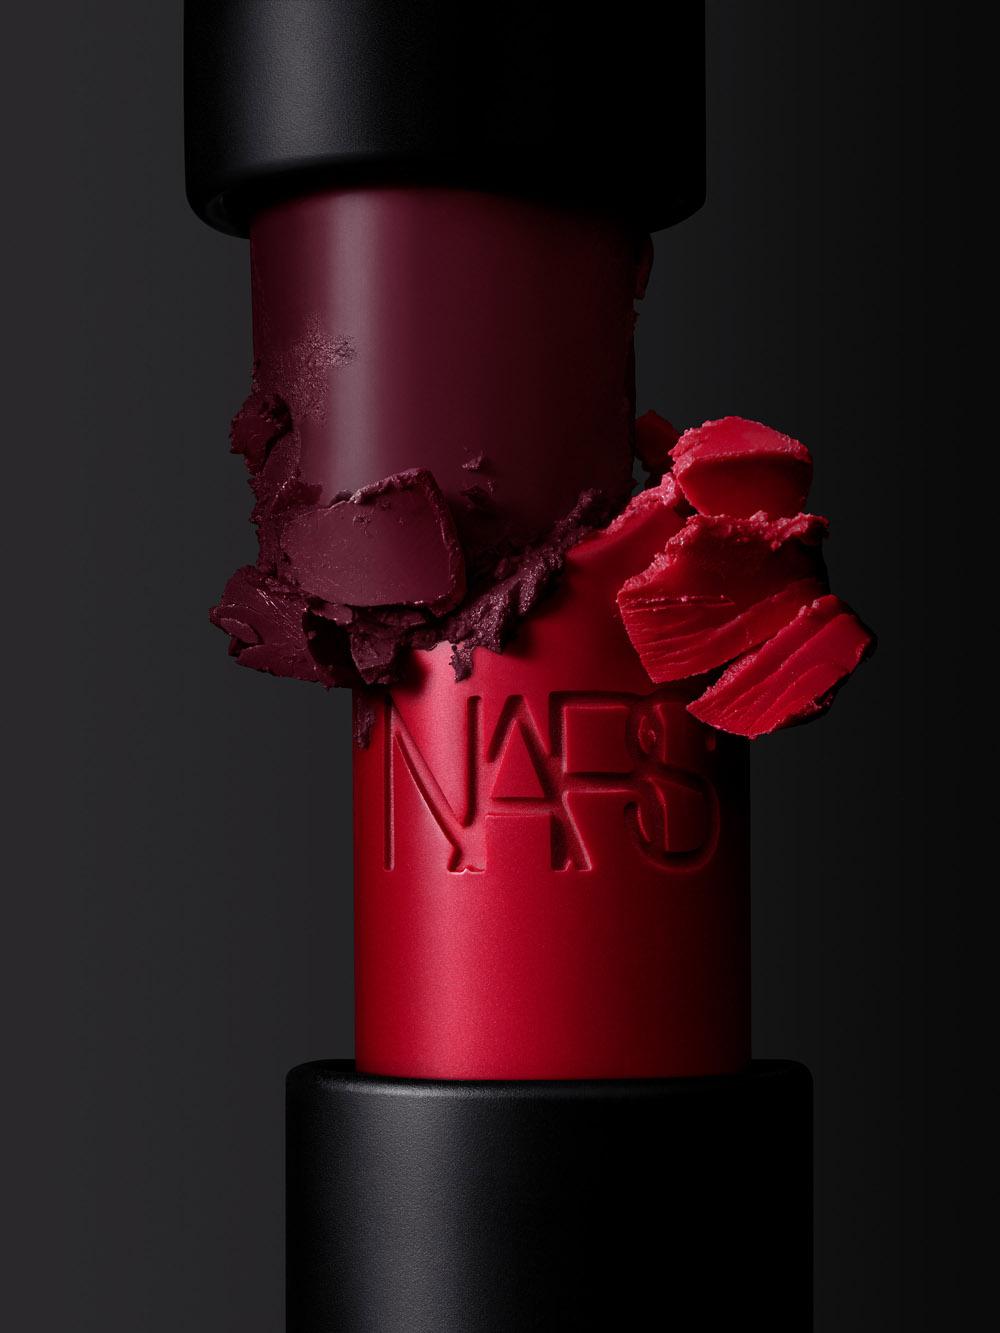 NARS Iconic Lipstick Group Stylized Image (2)